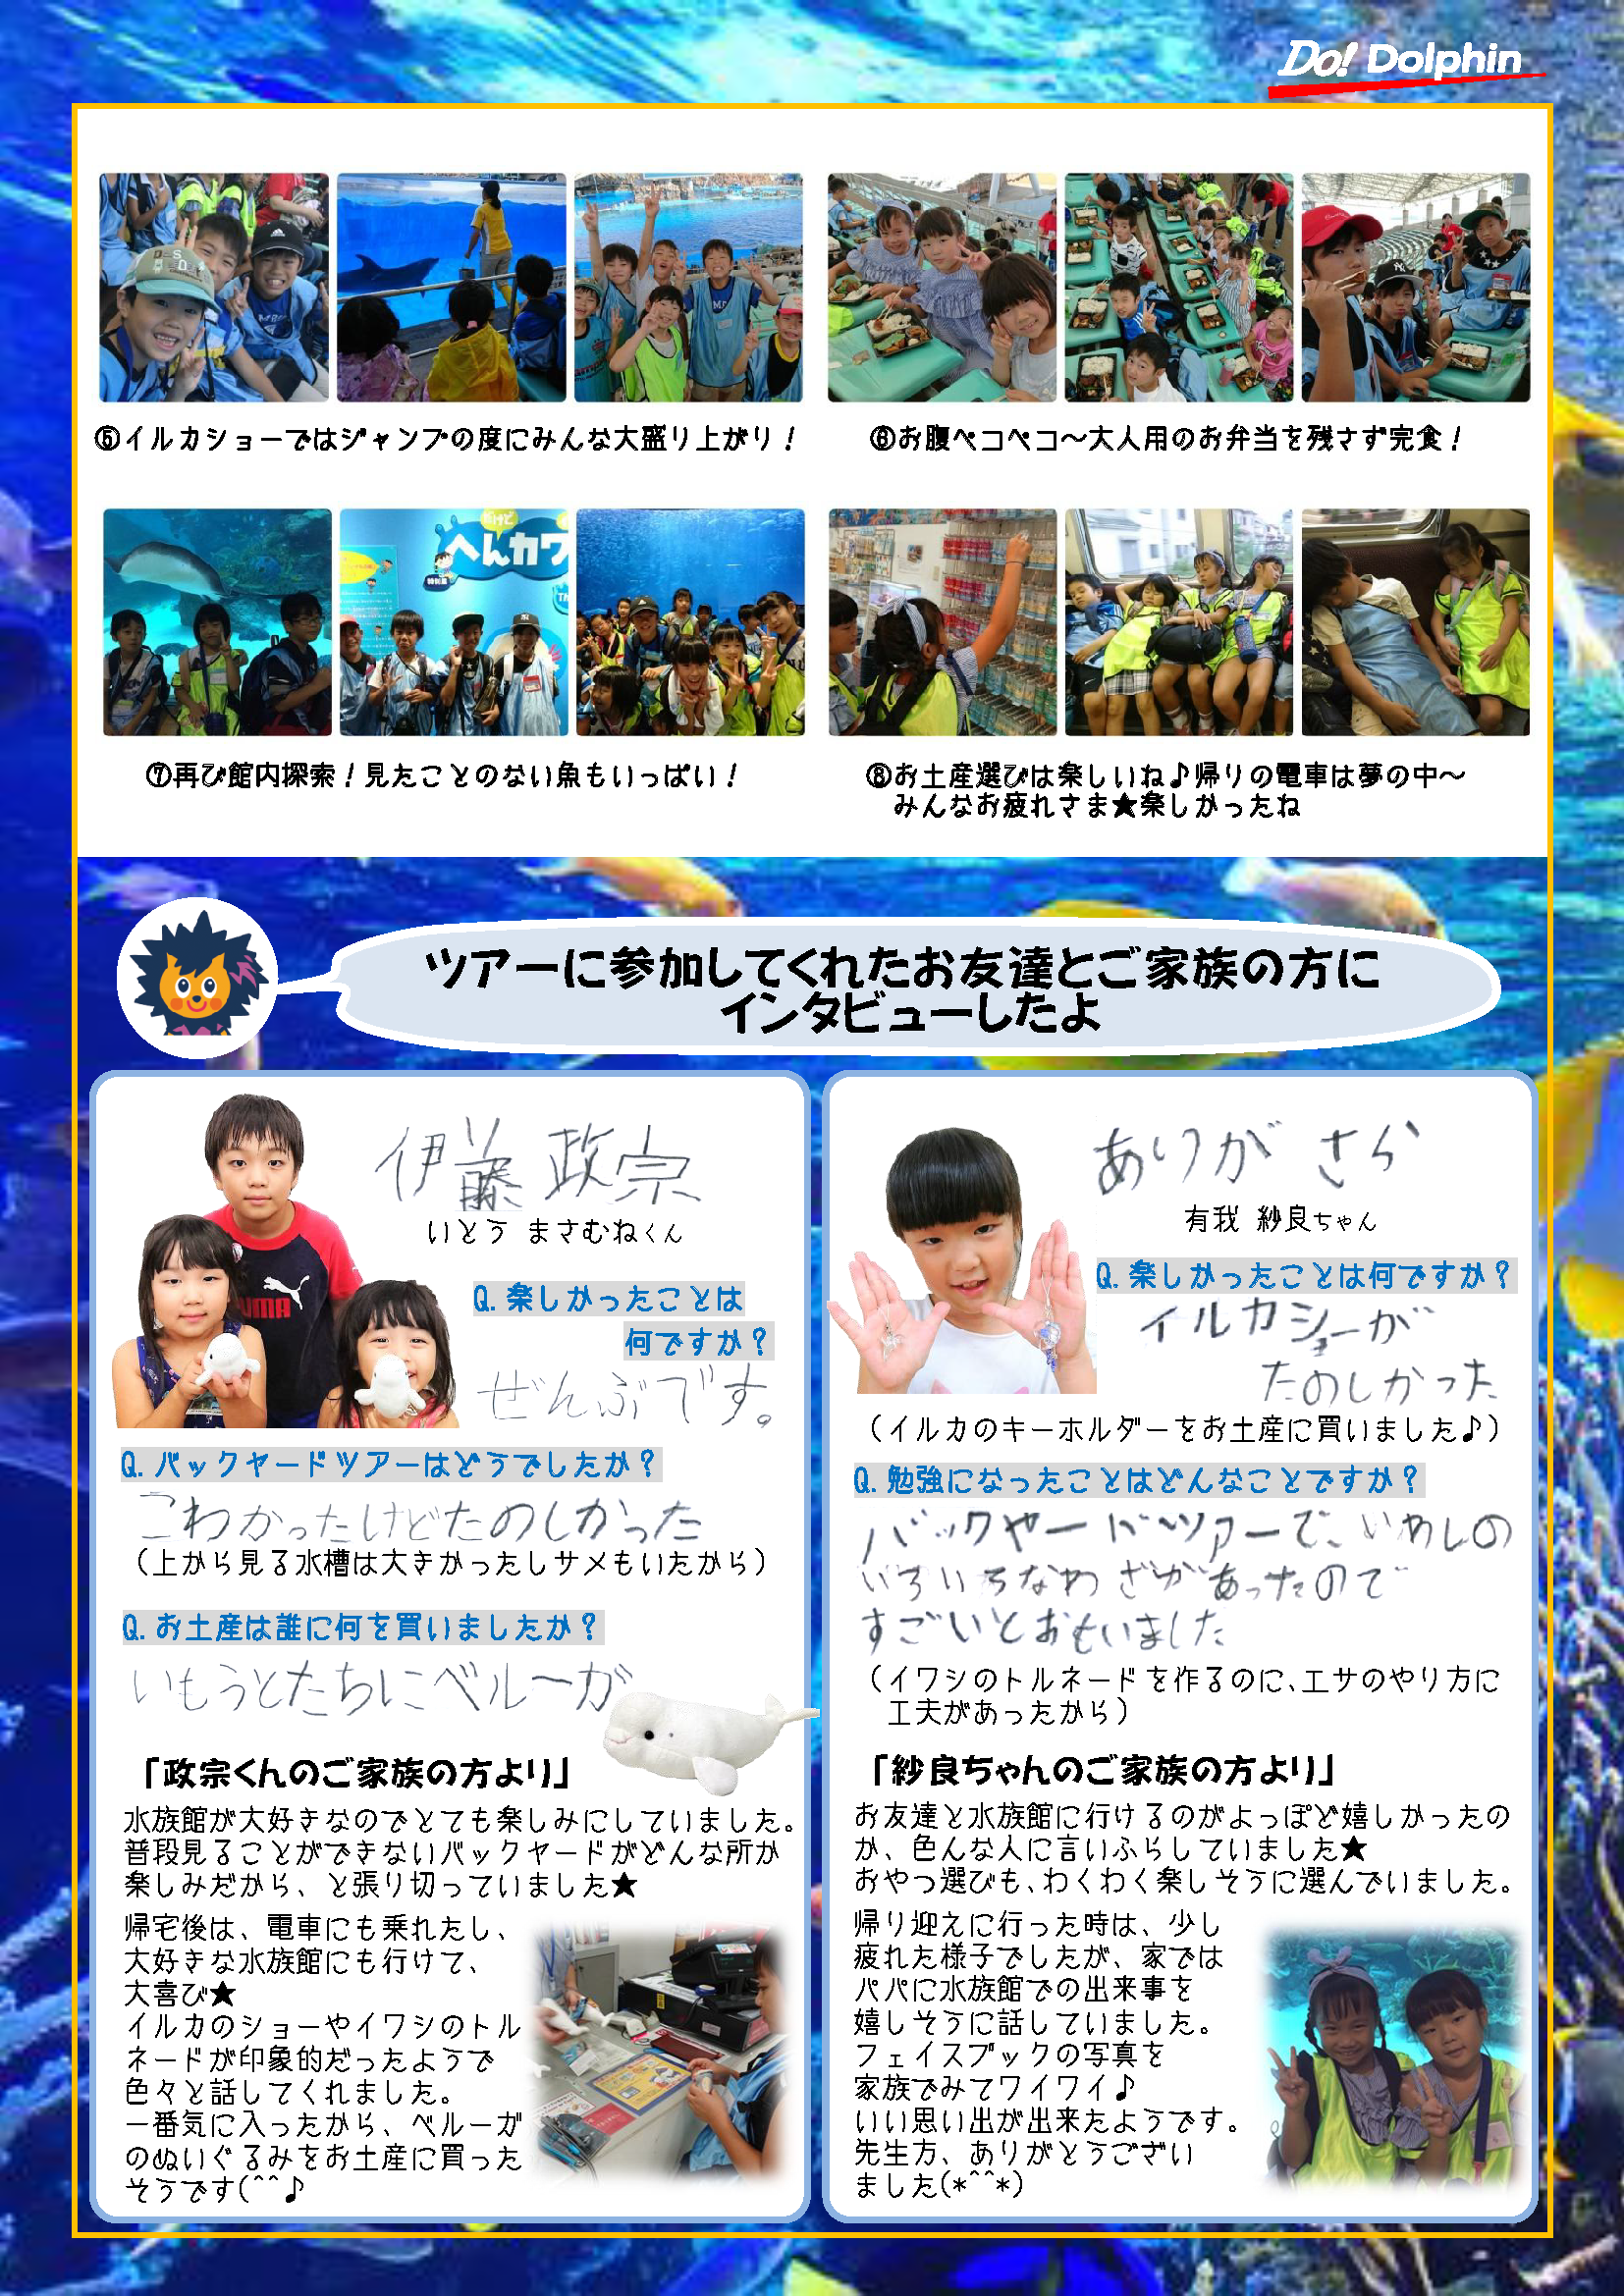 ドルフィン広報誌10月号校了_ページ_2